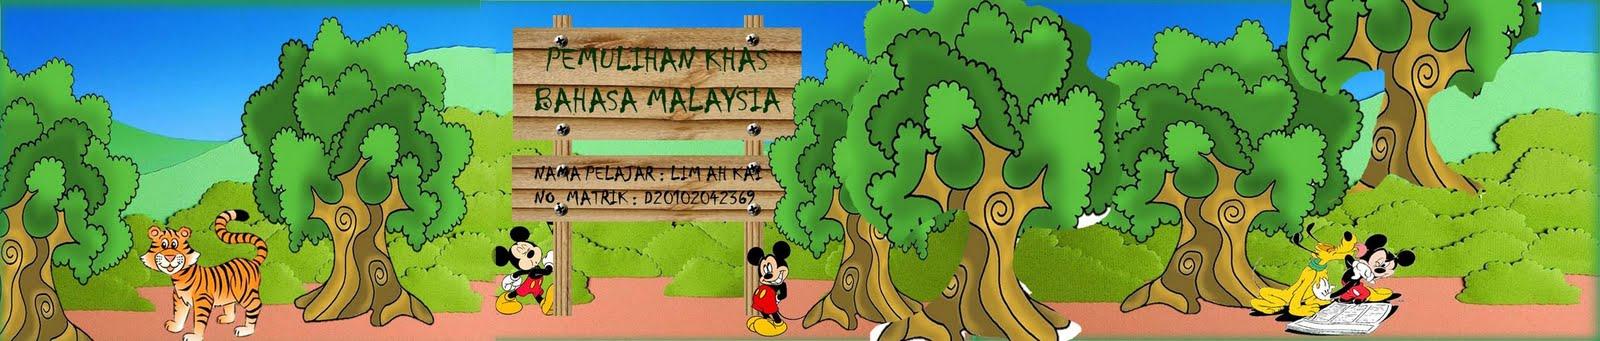 PEMULIHAN KHAS BAHASA MALAYSIA